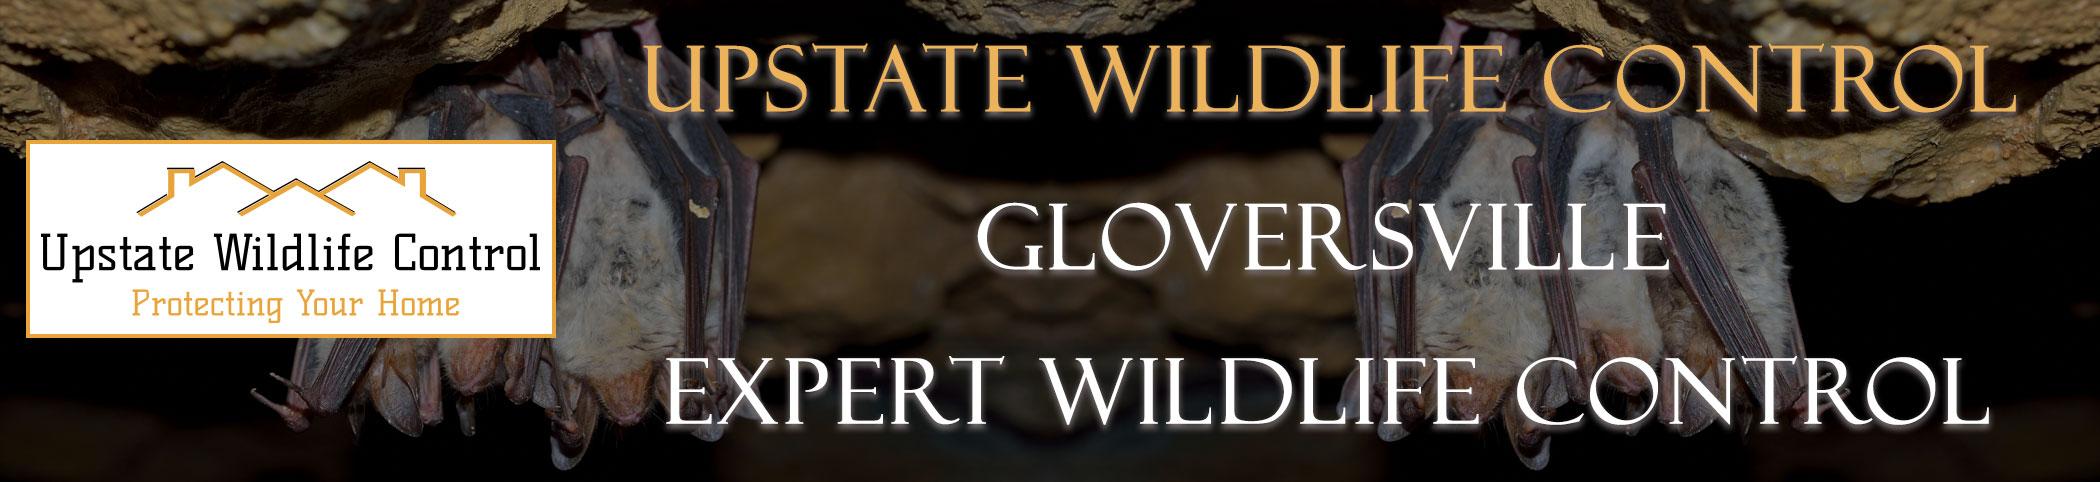 Upstate-Wildlife-Control-Gloversville-header